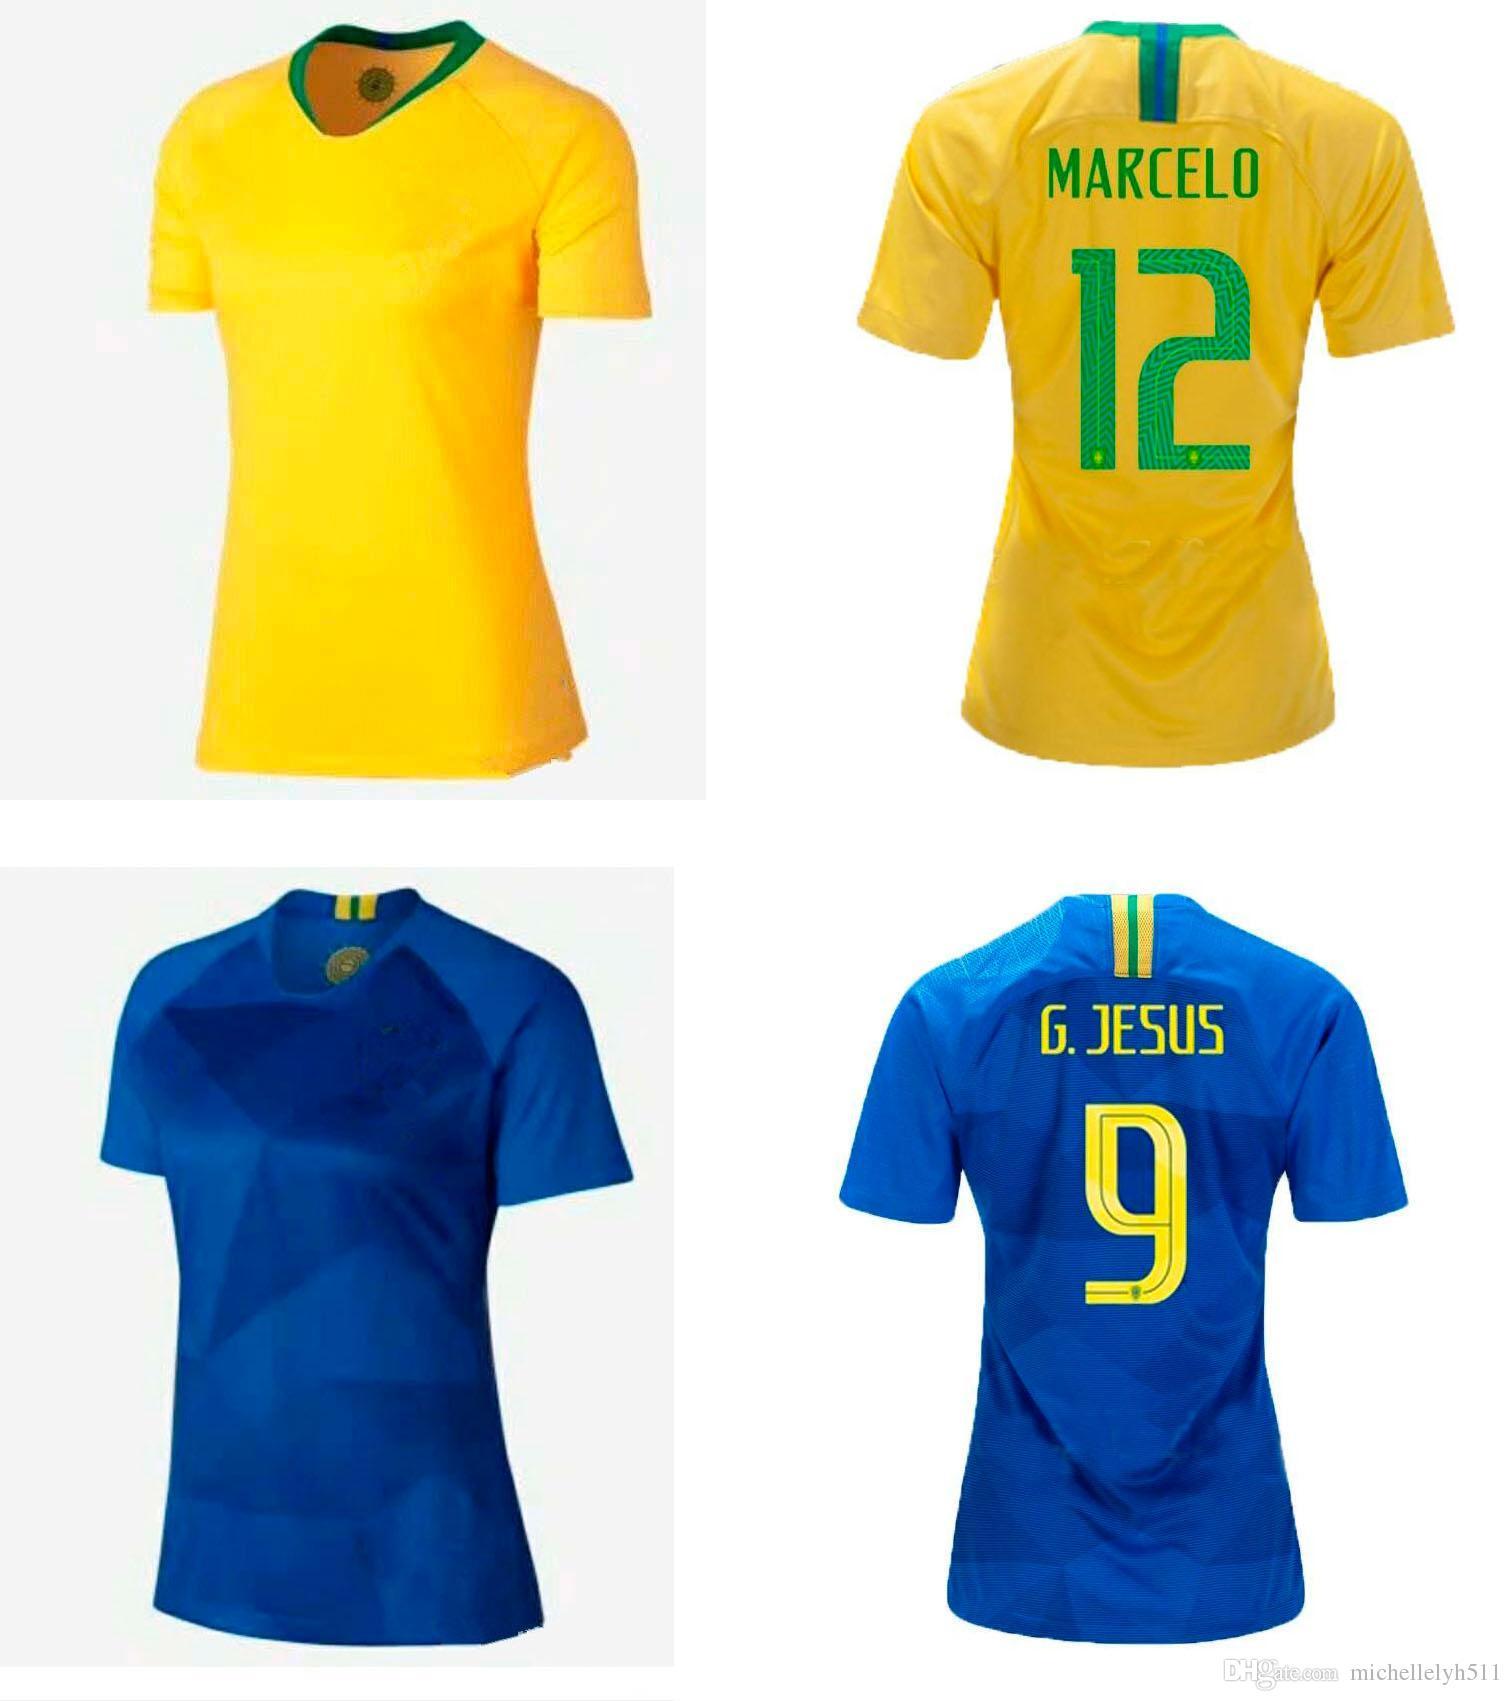 307455d32c Compre 18 19 Lady Camisa De Futebol Da Seleção Brasileira Casa Fora De Camisas  Femininas De Futebol MARCELO P.COUTINHO G.JESUS Topos De Futebol Uniformes  ...